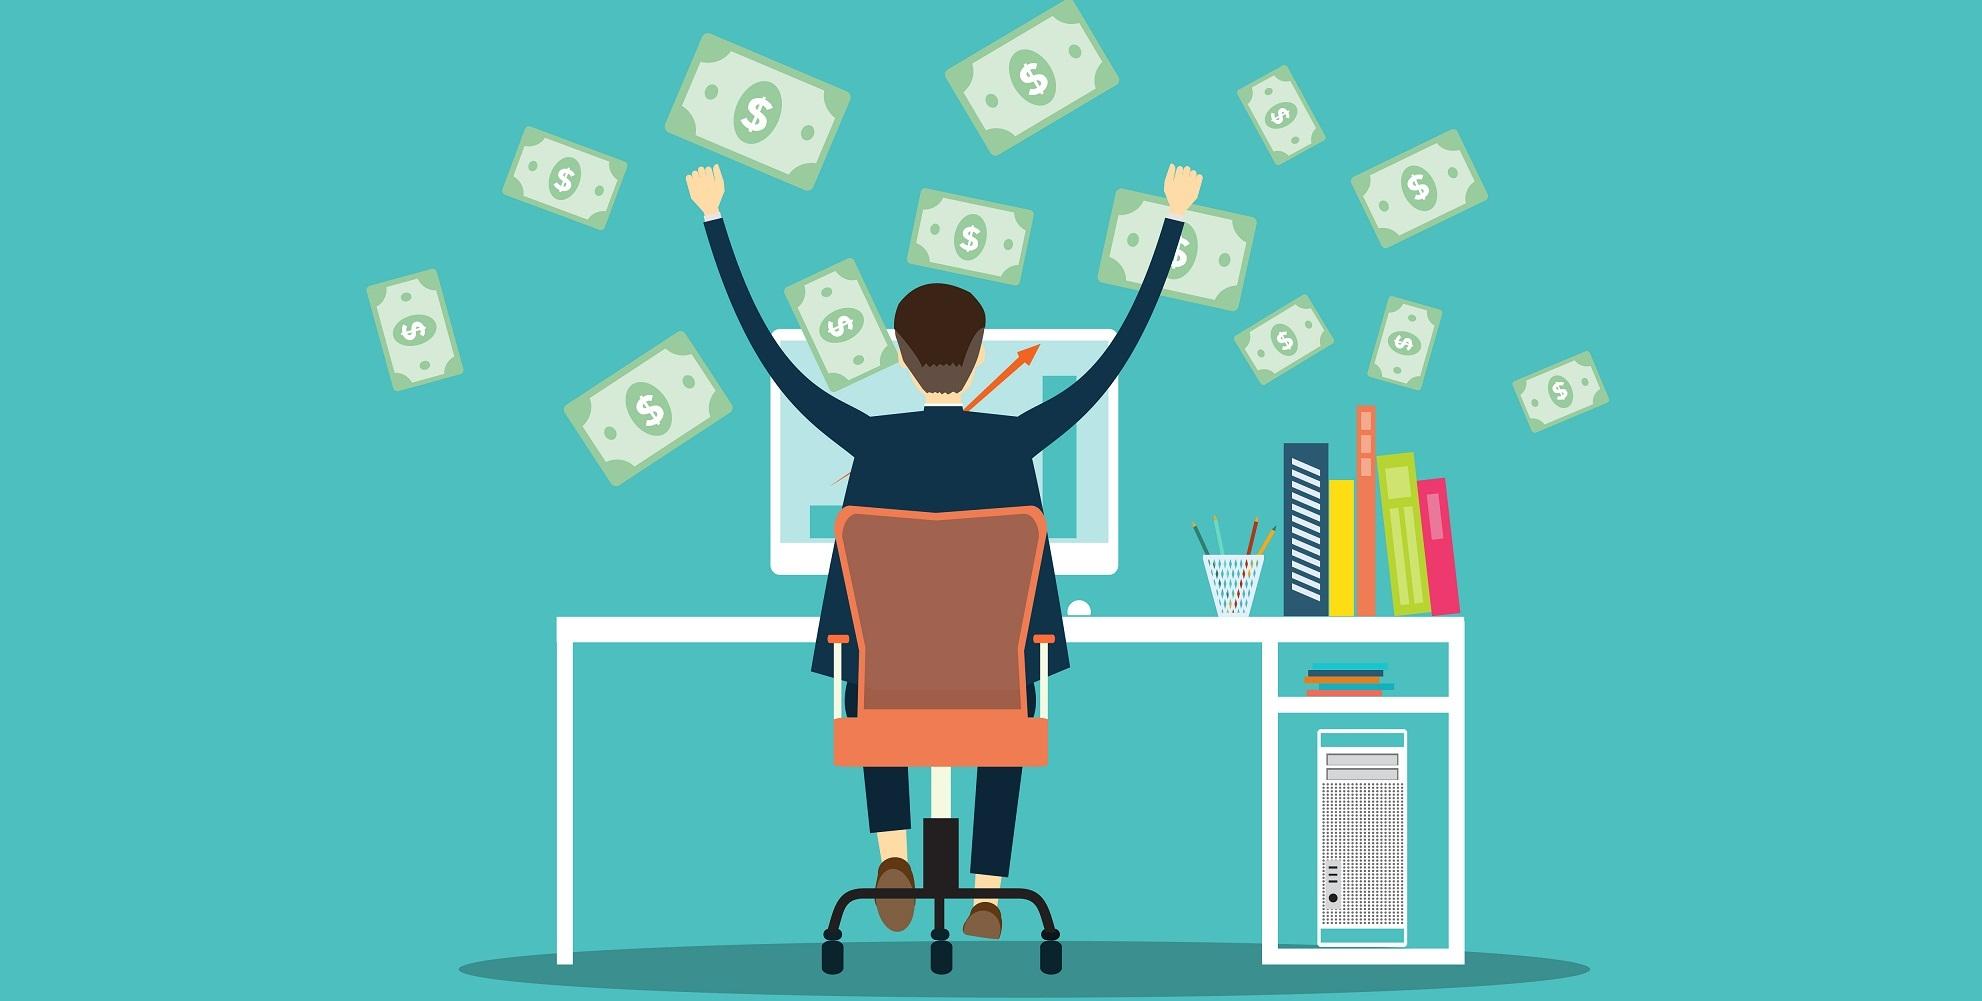 Những công việc cần làm cho người mới bắt đầu kinh doanh online 2021 -  WEBICO BLOG